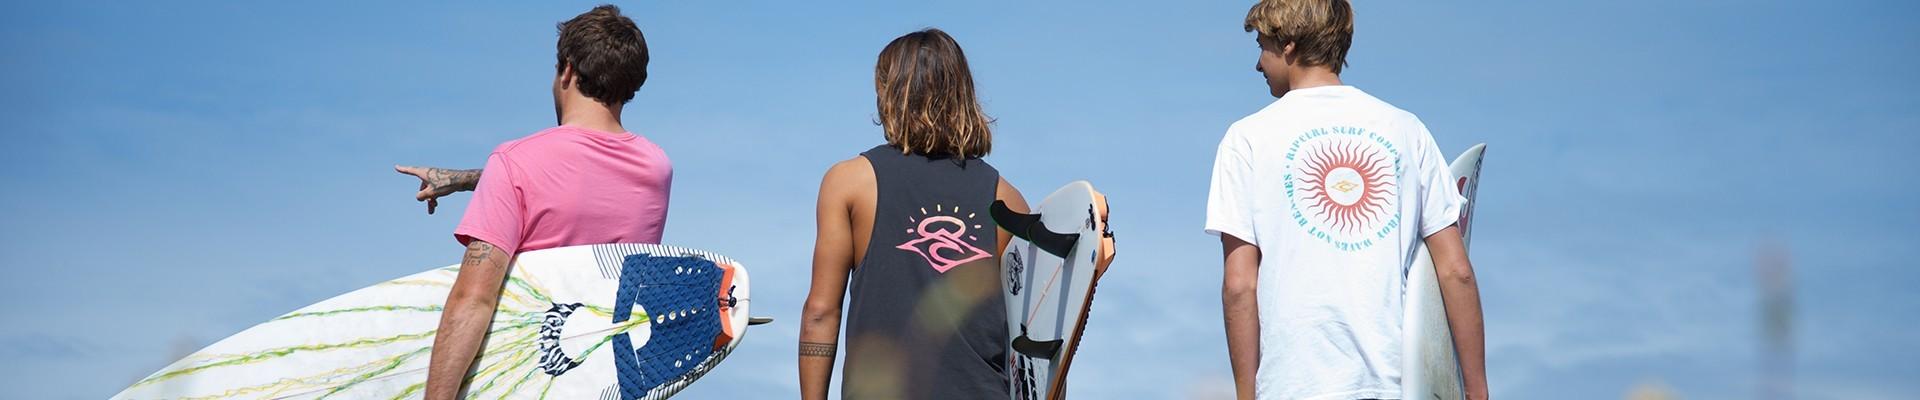 Surfwear | Livraison gratuite dès 100€ d'achats